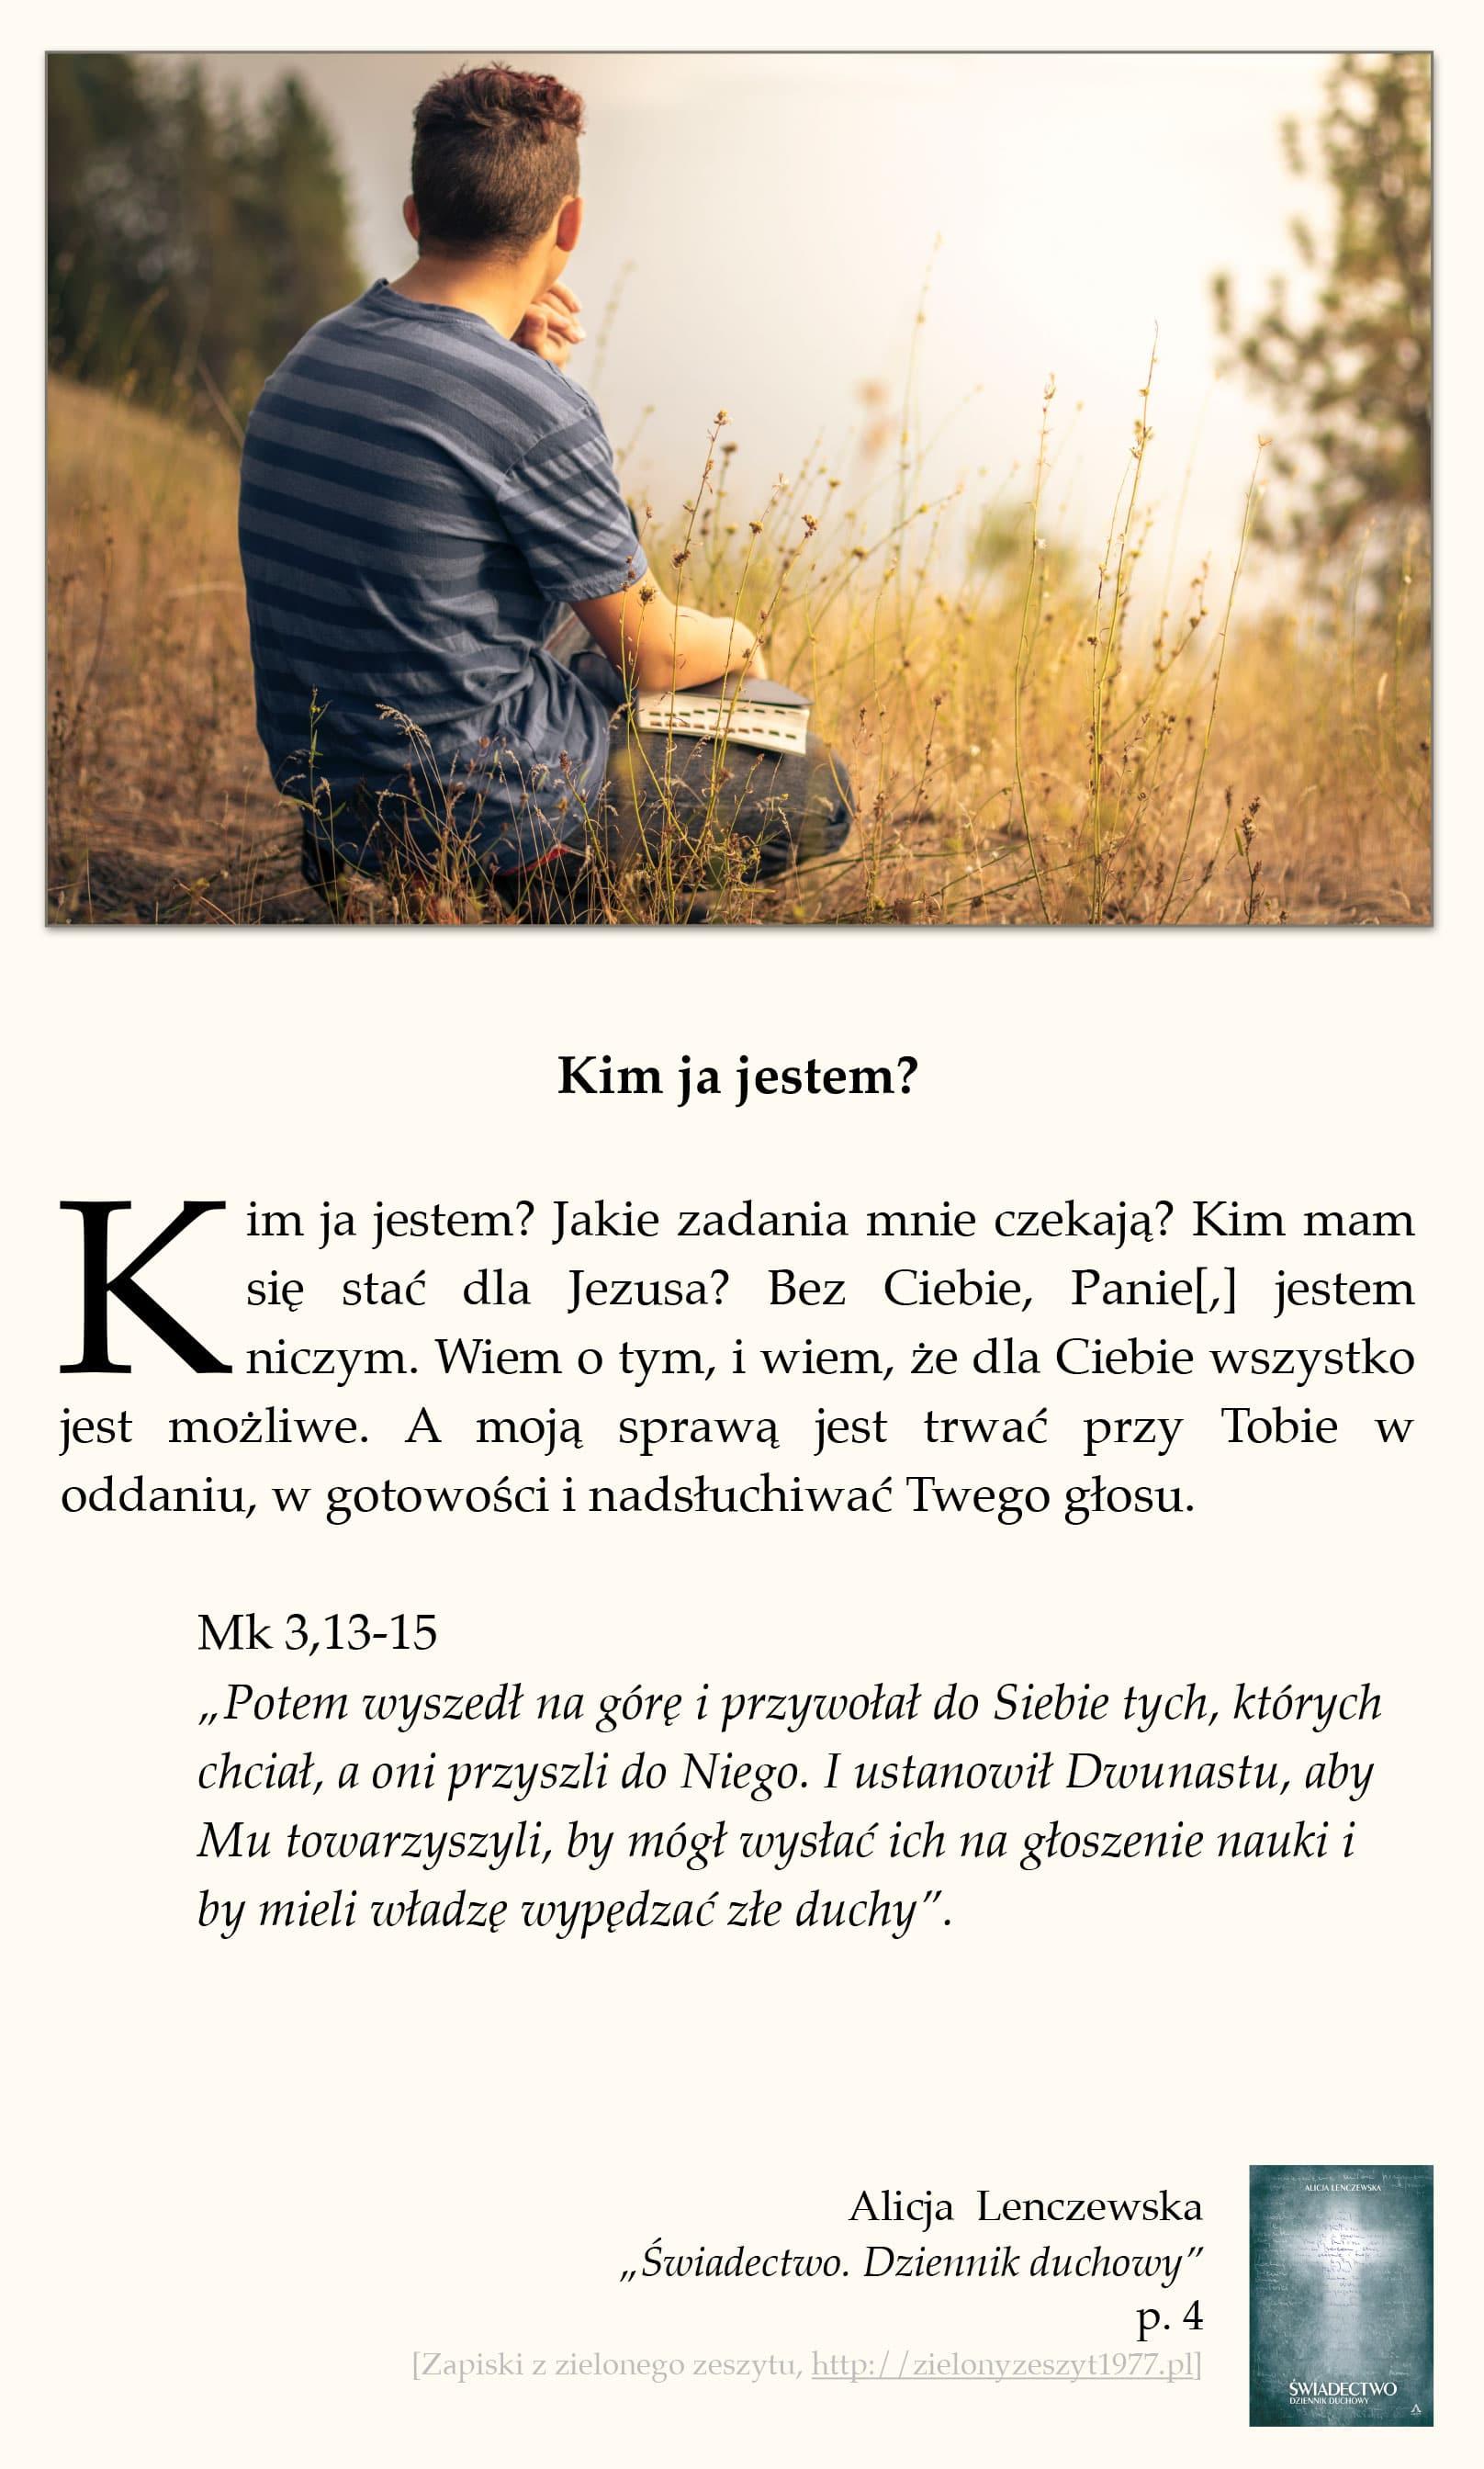 """Alicja Lenczewska, """"Świadectwo. Dziennik duchowy"""", p. 4, (Kim ja jestem?)"""